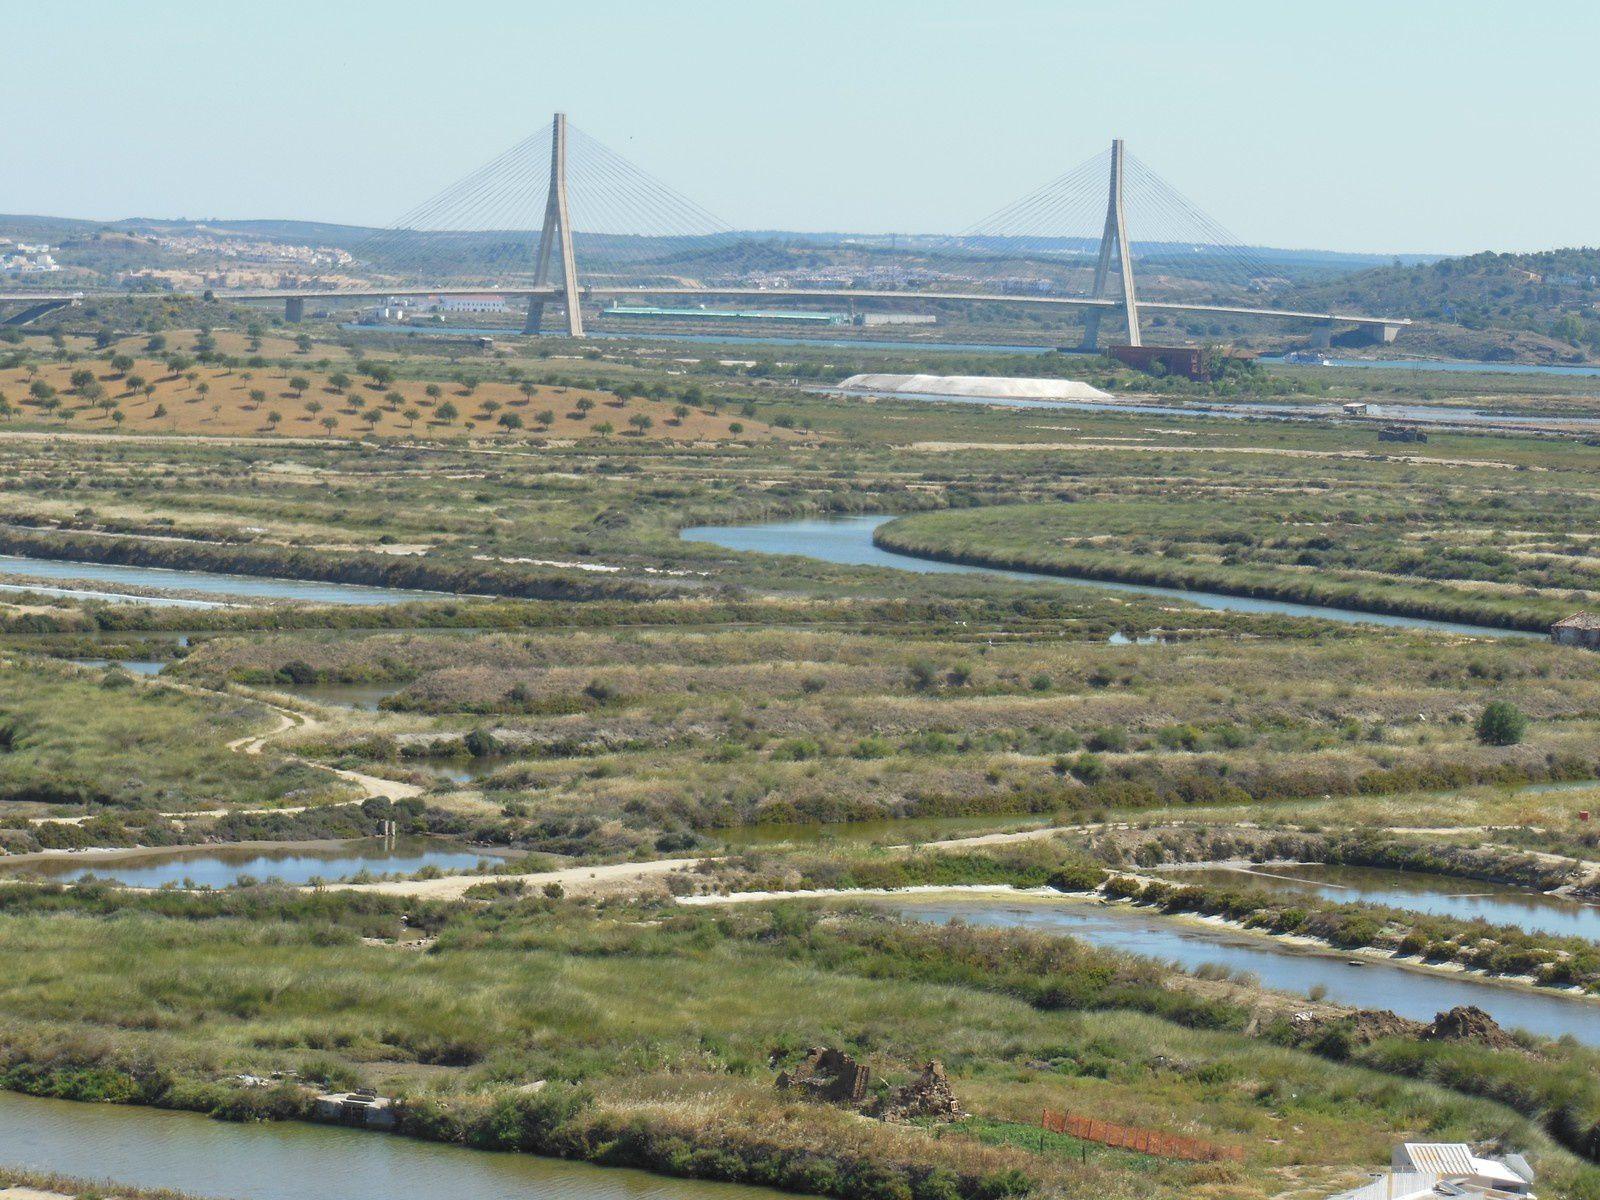 le pont servant de frontière entre l'espagne et le portugal